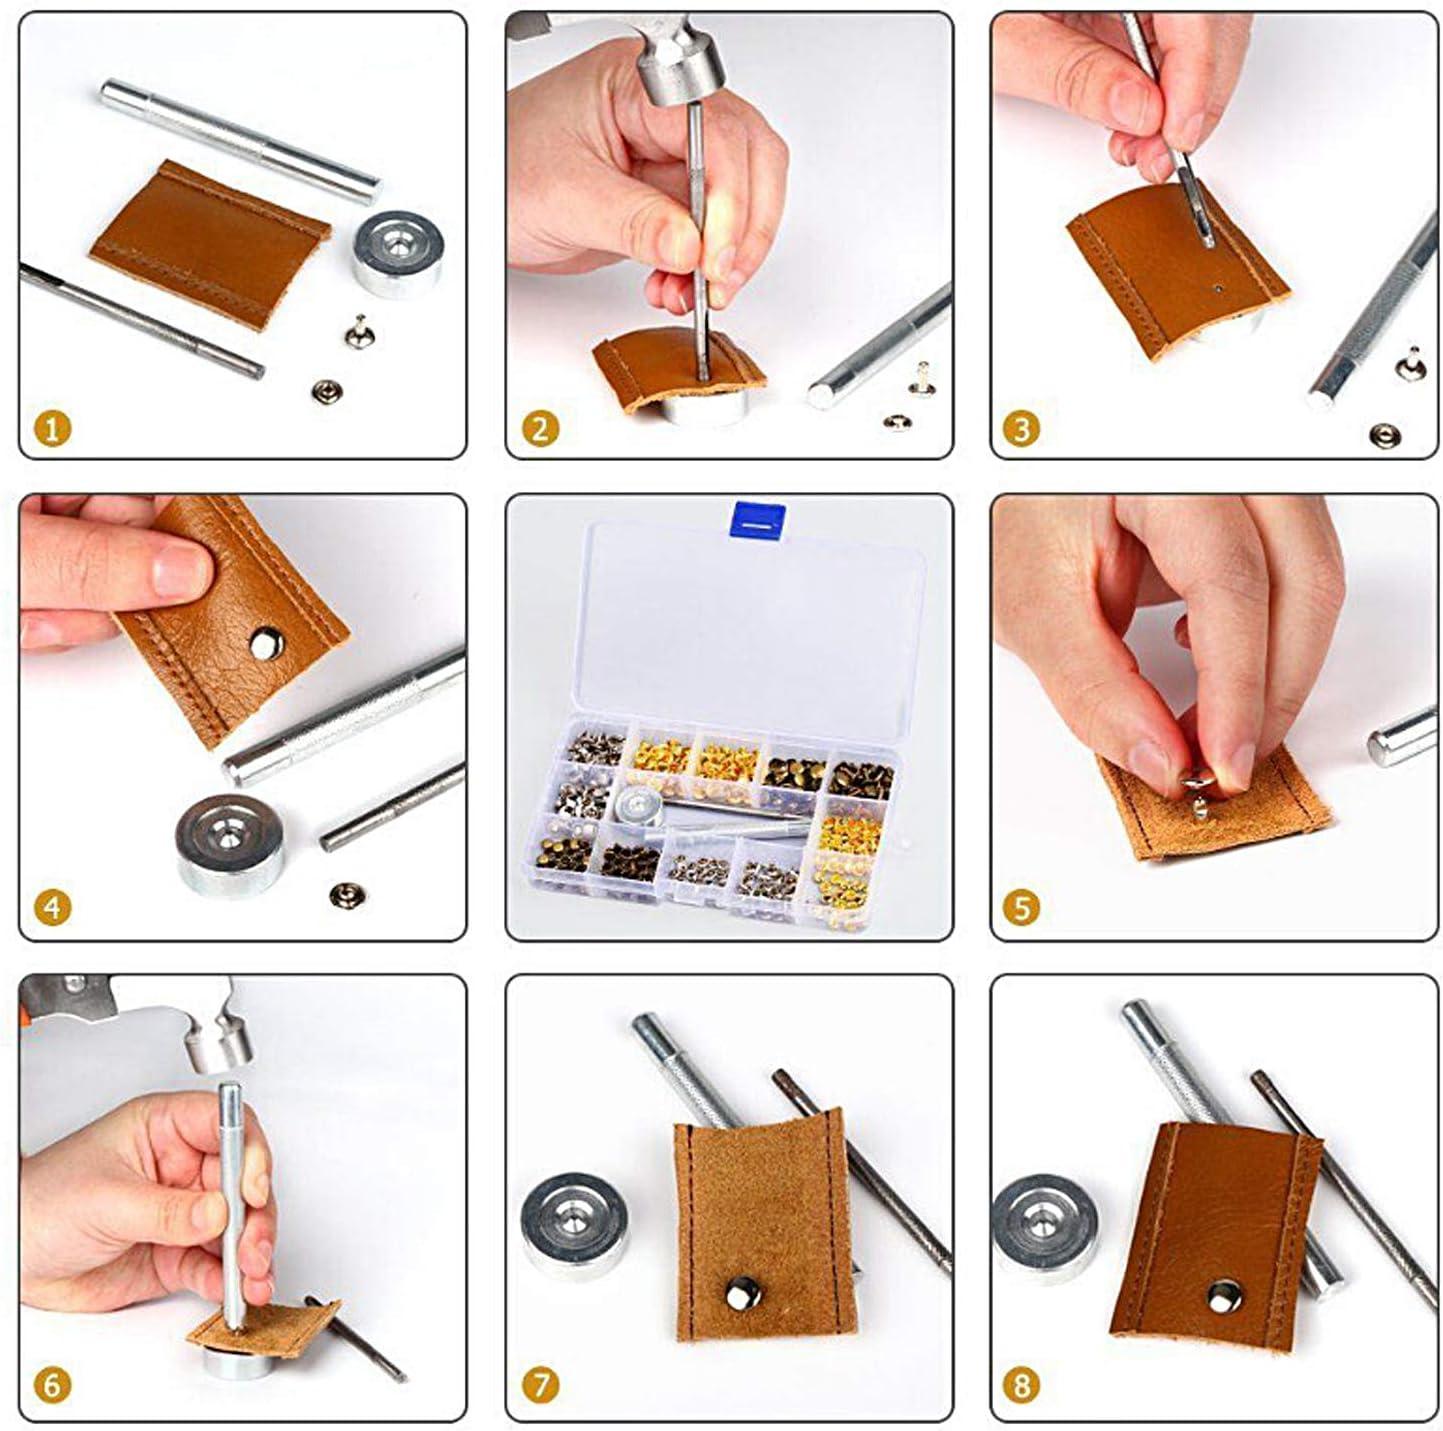 multifunktionale Pinzetten von Schmuck DIY # 1 Professionelle Betued Multifunktions-Zange f/ür Schmuck